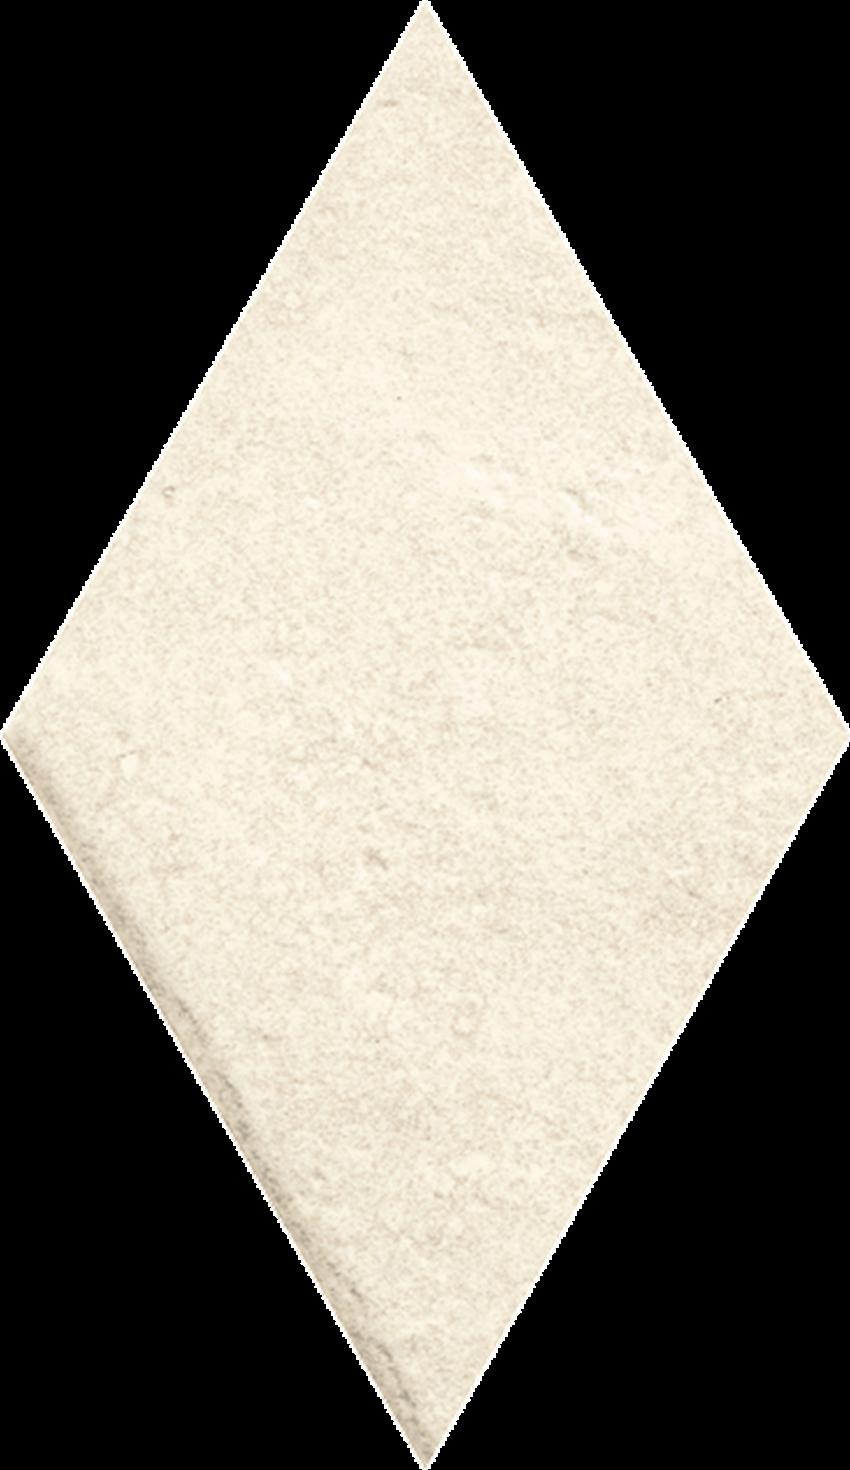 Dekoracja podłogowa 14,6x25,2 cm Paradyż Scandiano Beige Romb